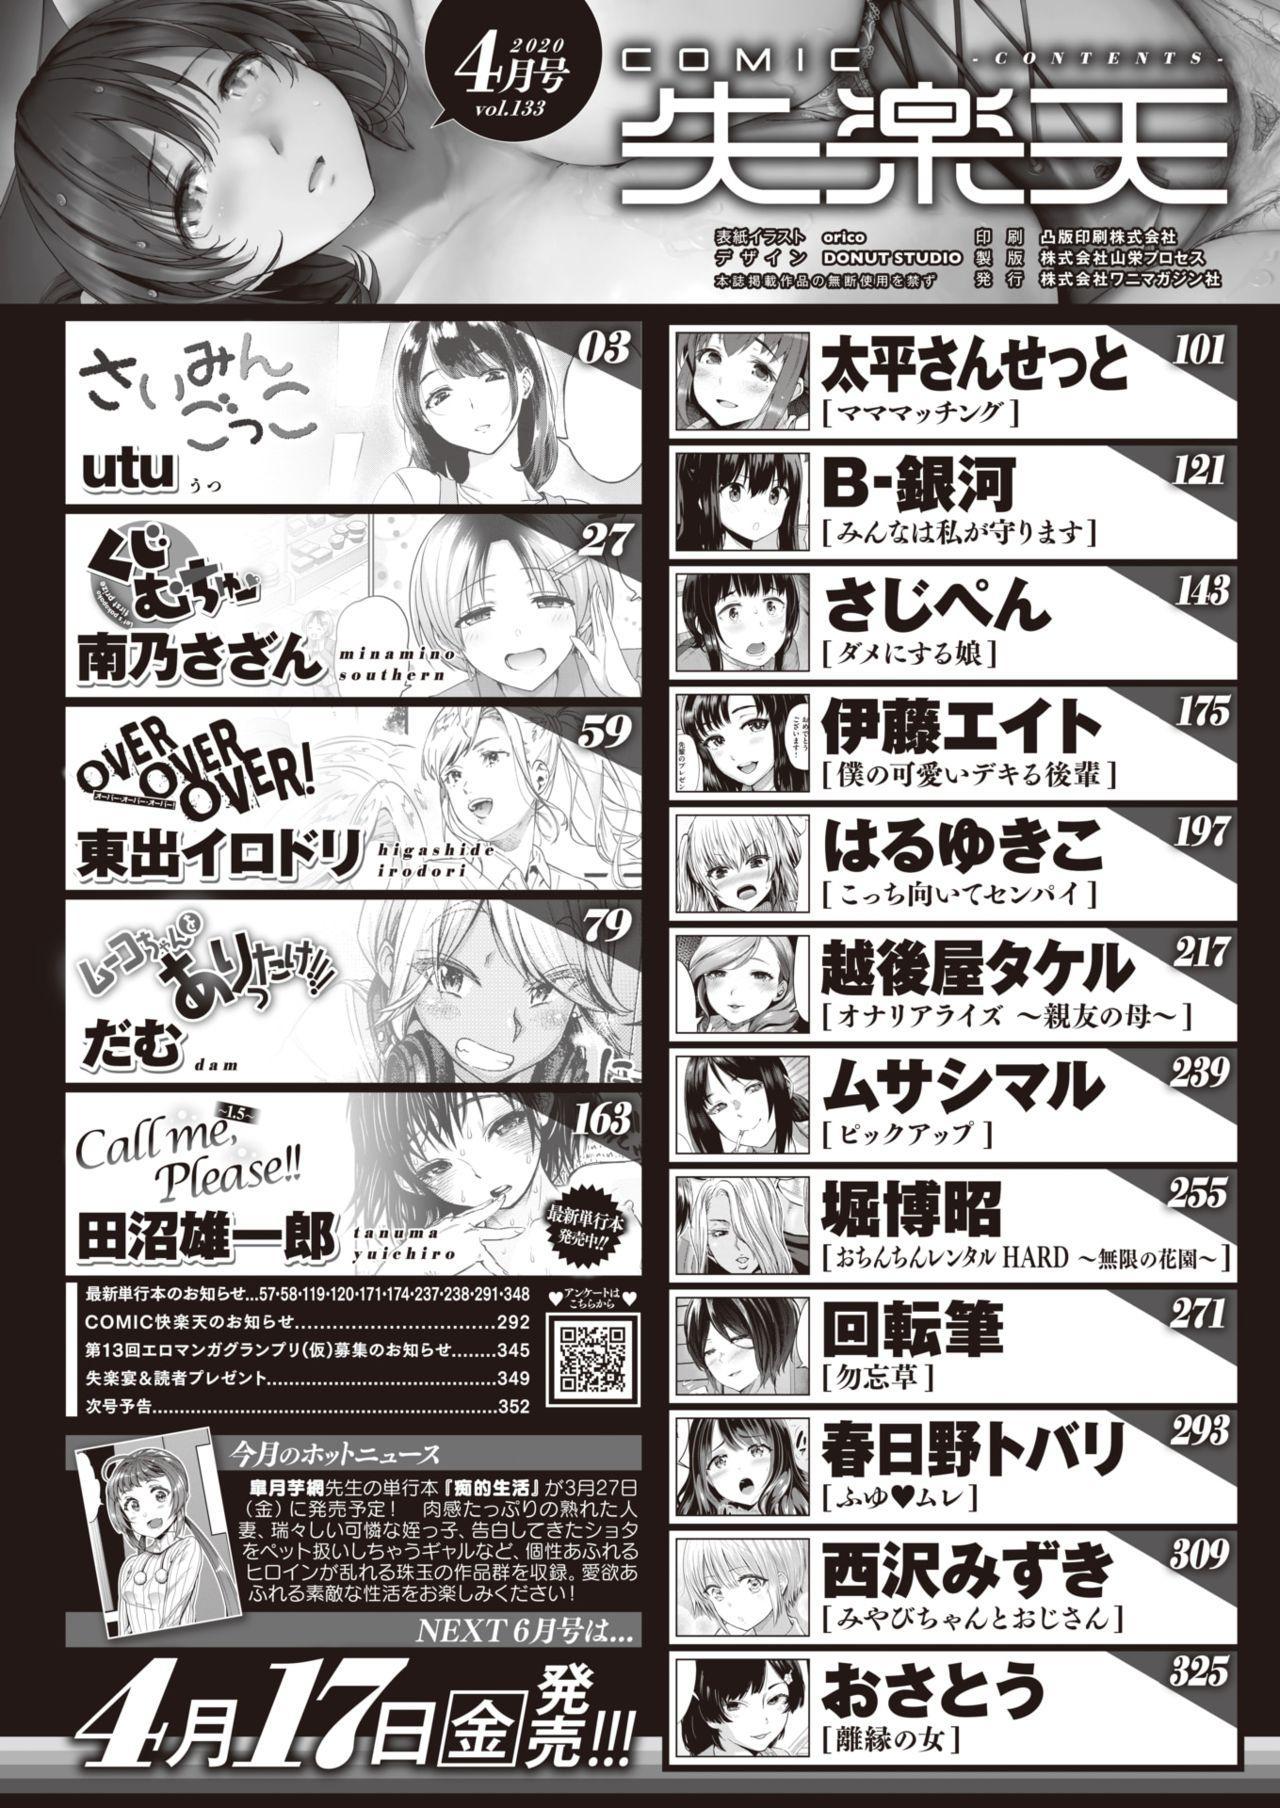 COMIC Shitsurakuten 2020-04 1